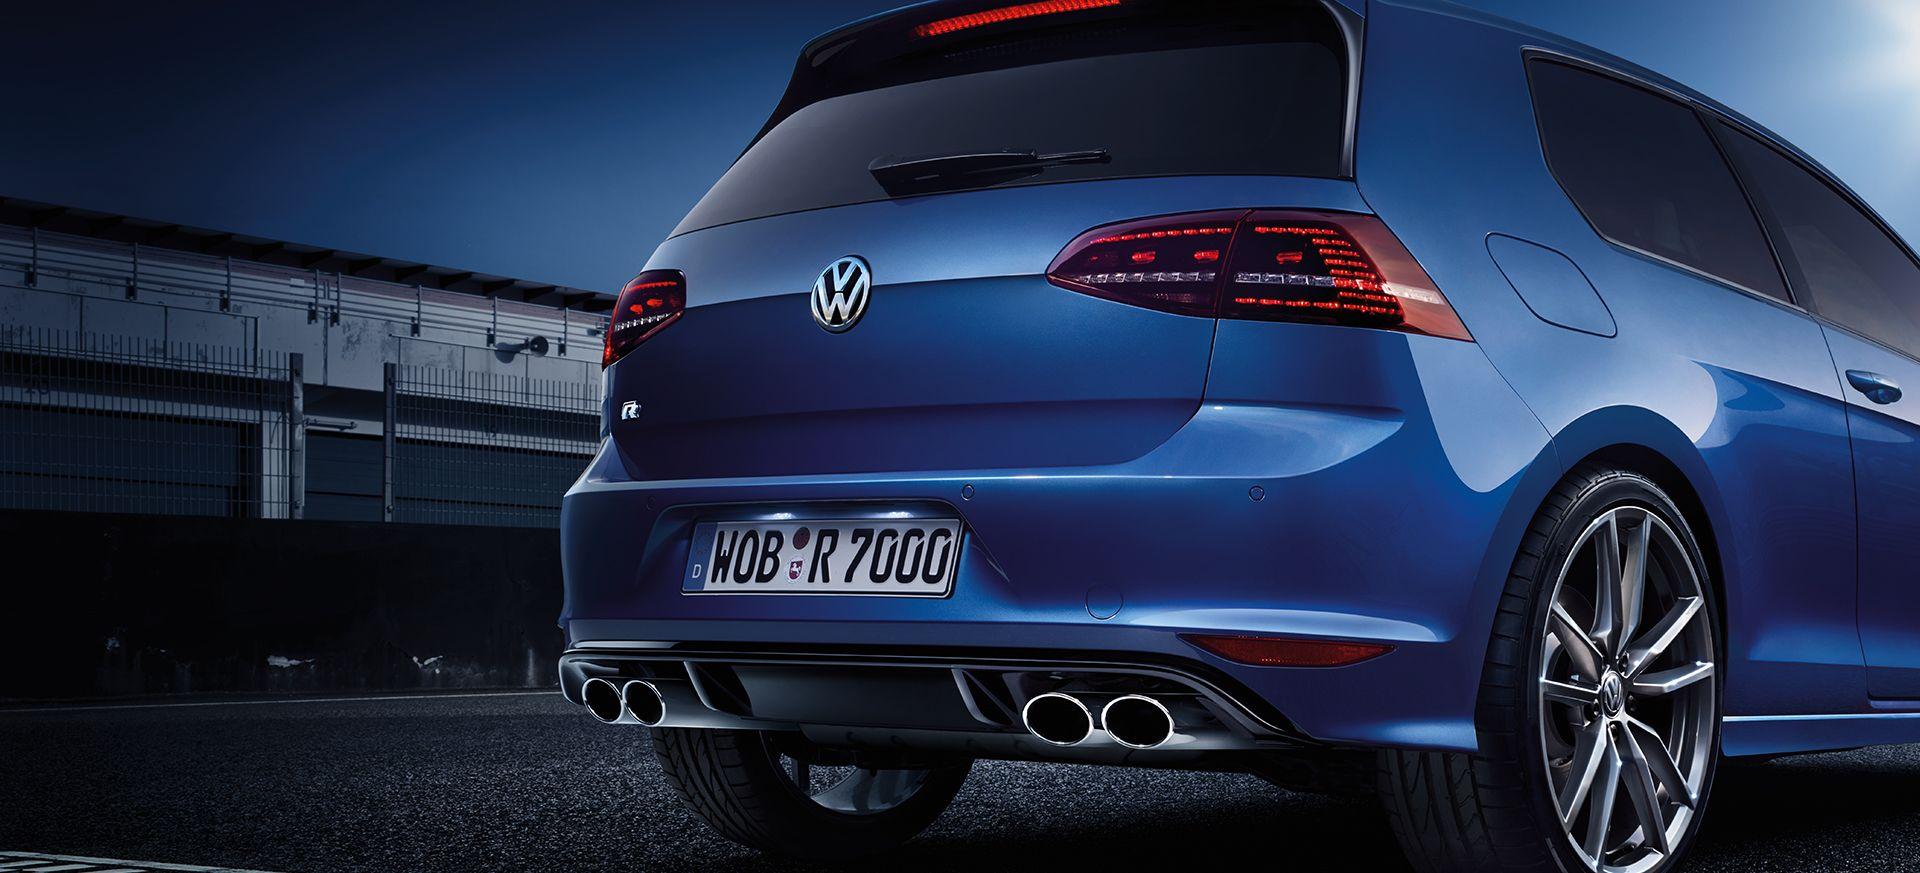 Die Leidenschaft Des Motorsports Weiterentwickelt Volkswagen Touareg Modell